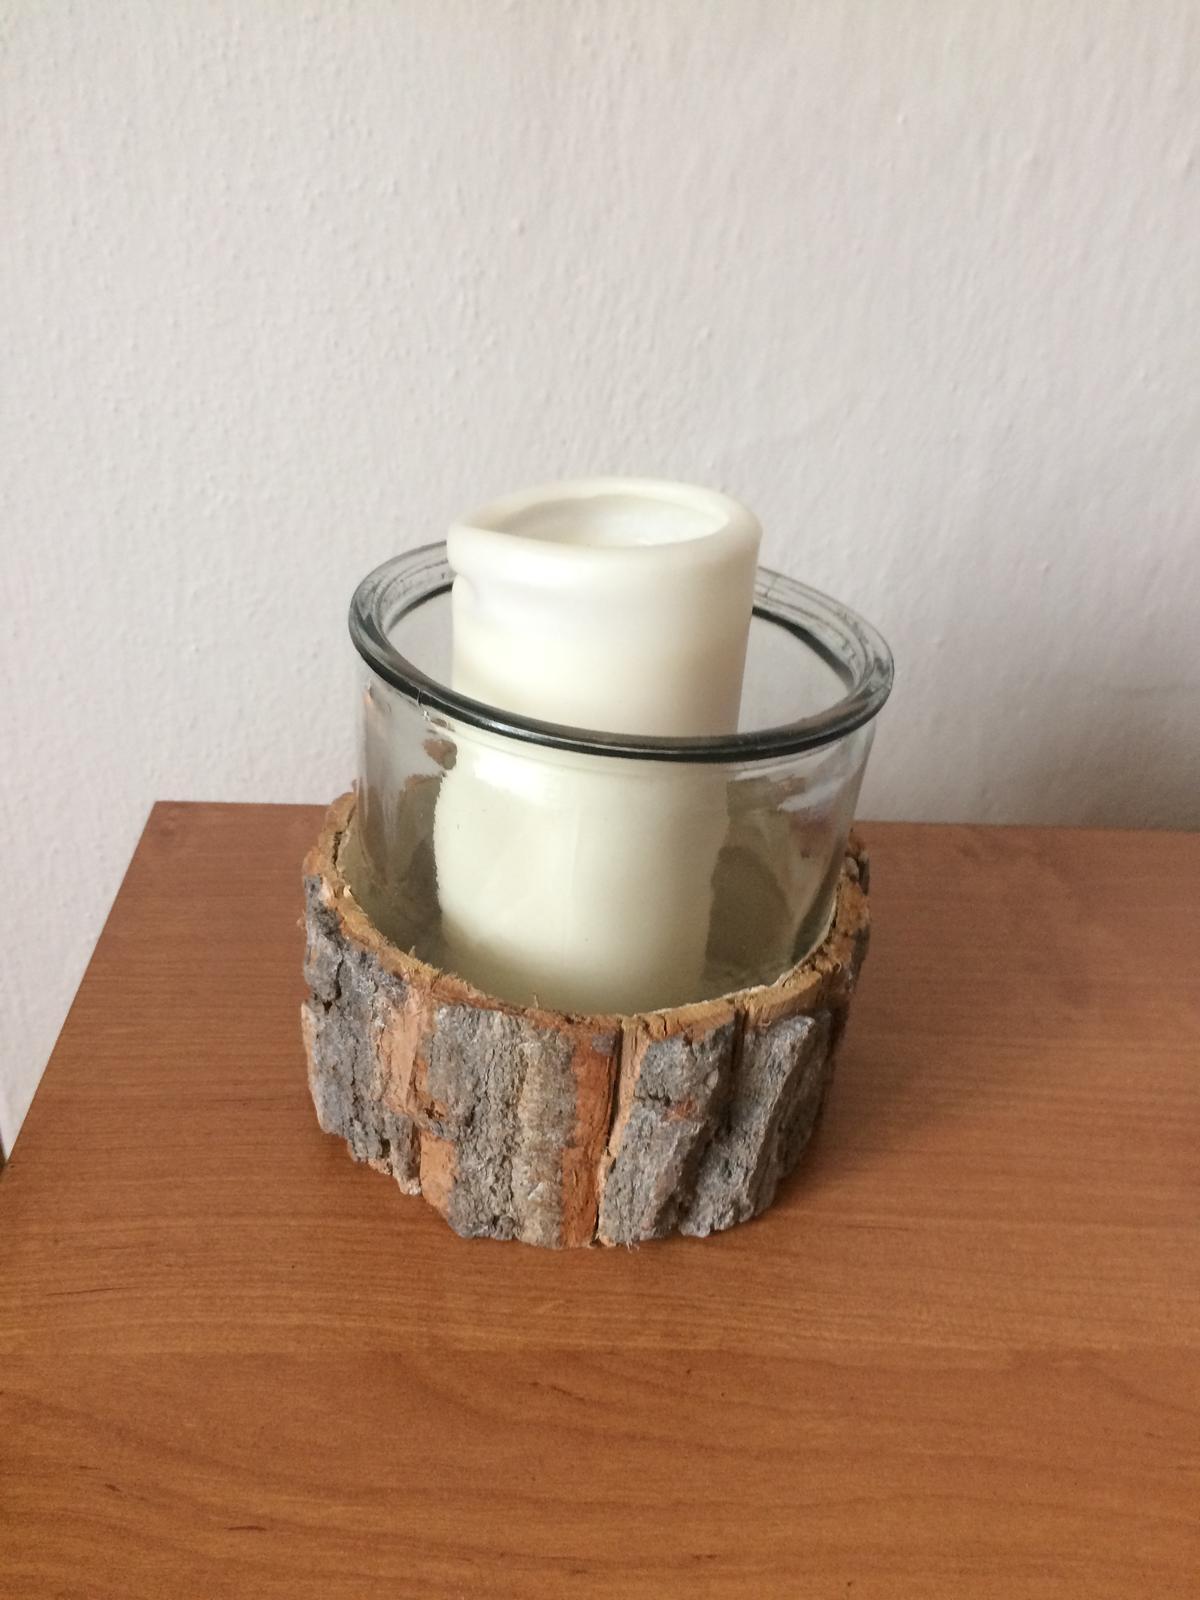 Skleněný svícen s dřevěným dekorem - Obrázek č. 1